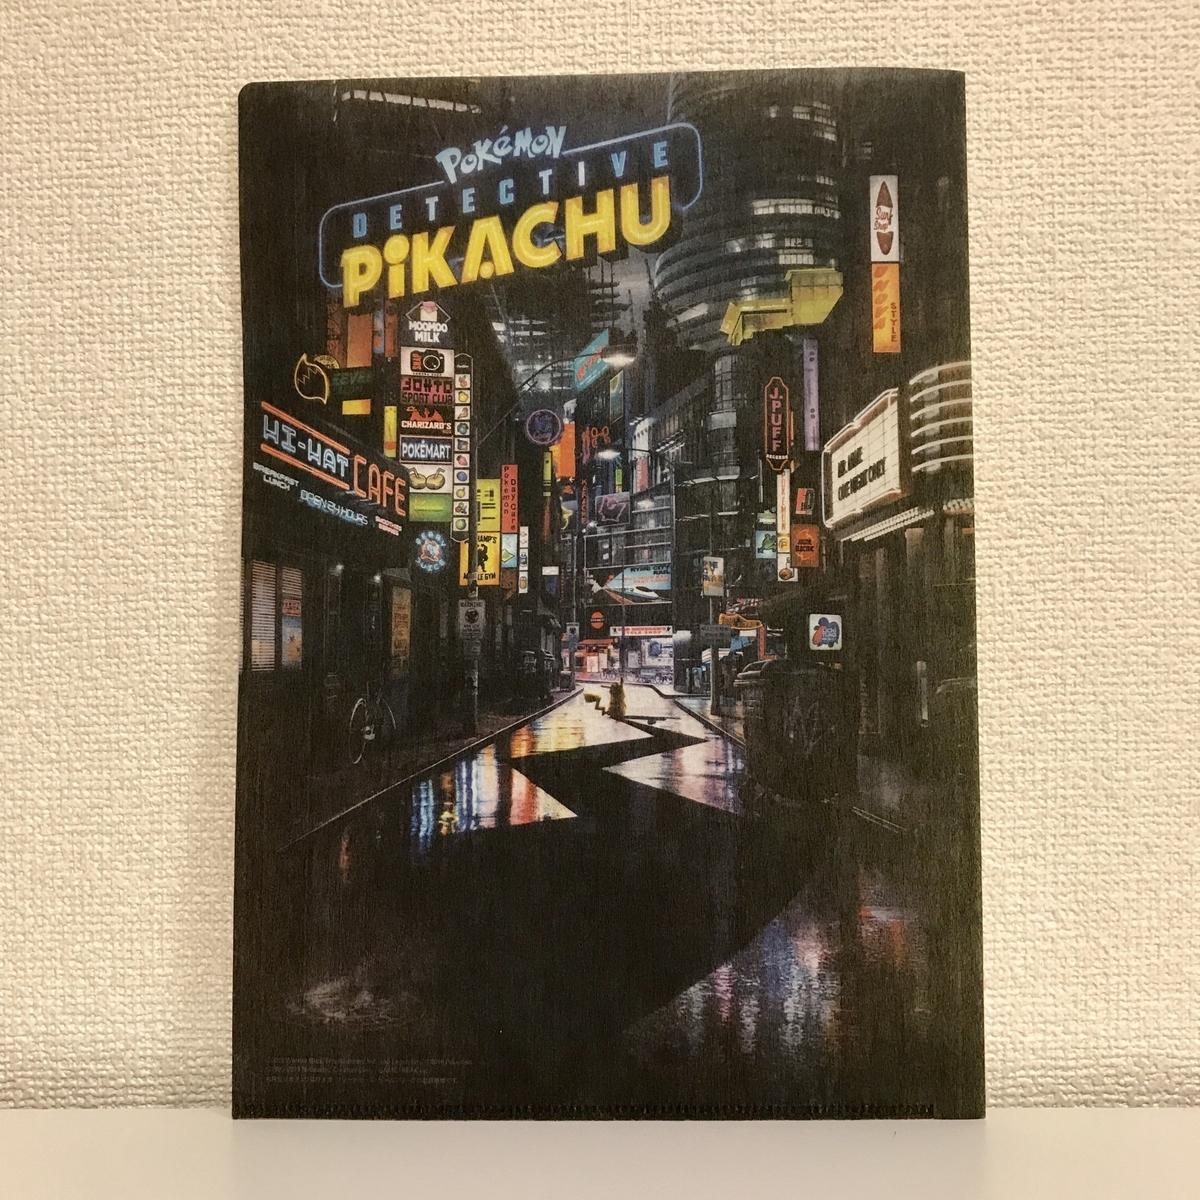 f:id:pikachu_pcn:20190321210111j:plain